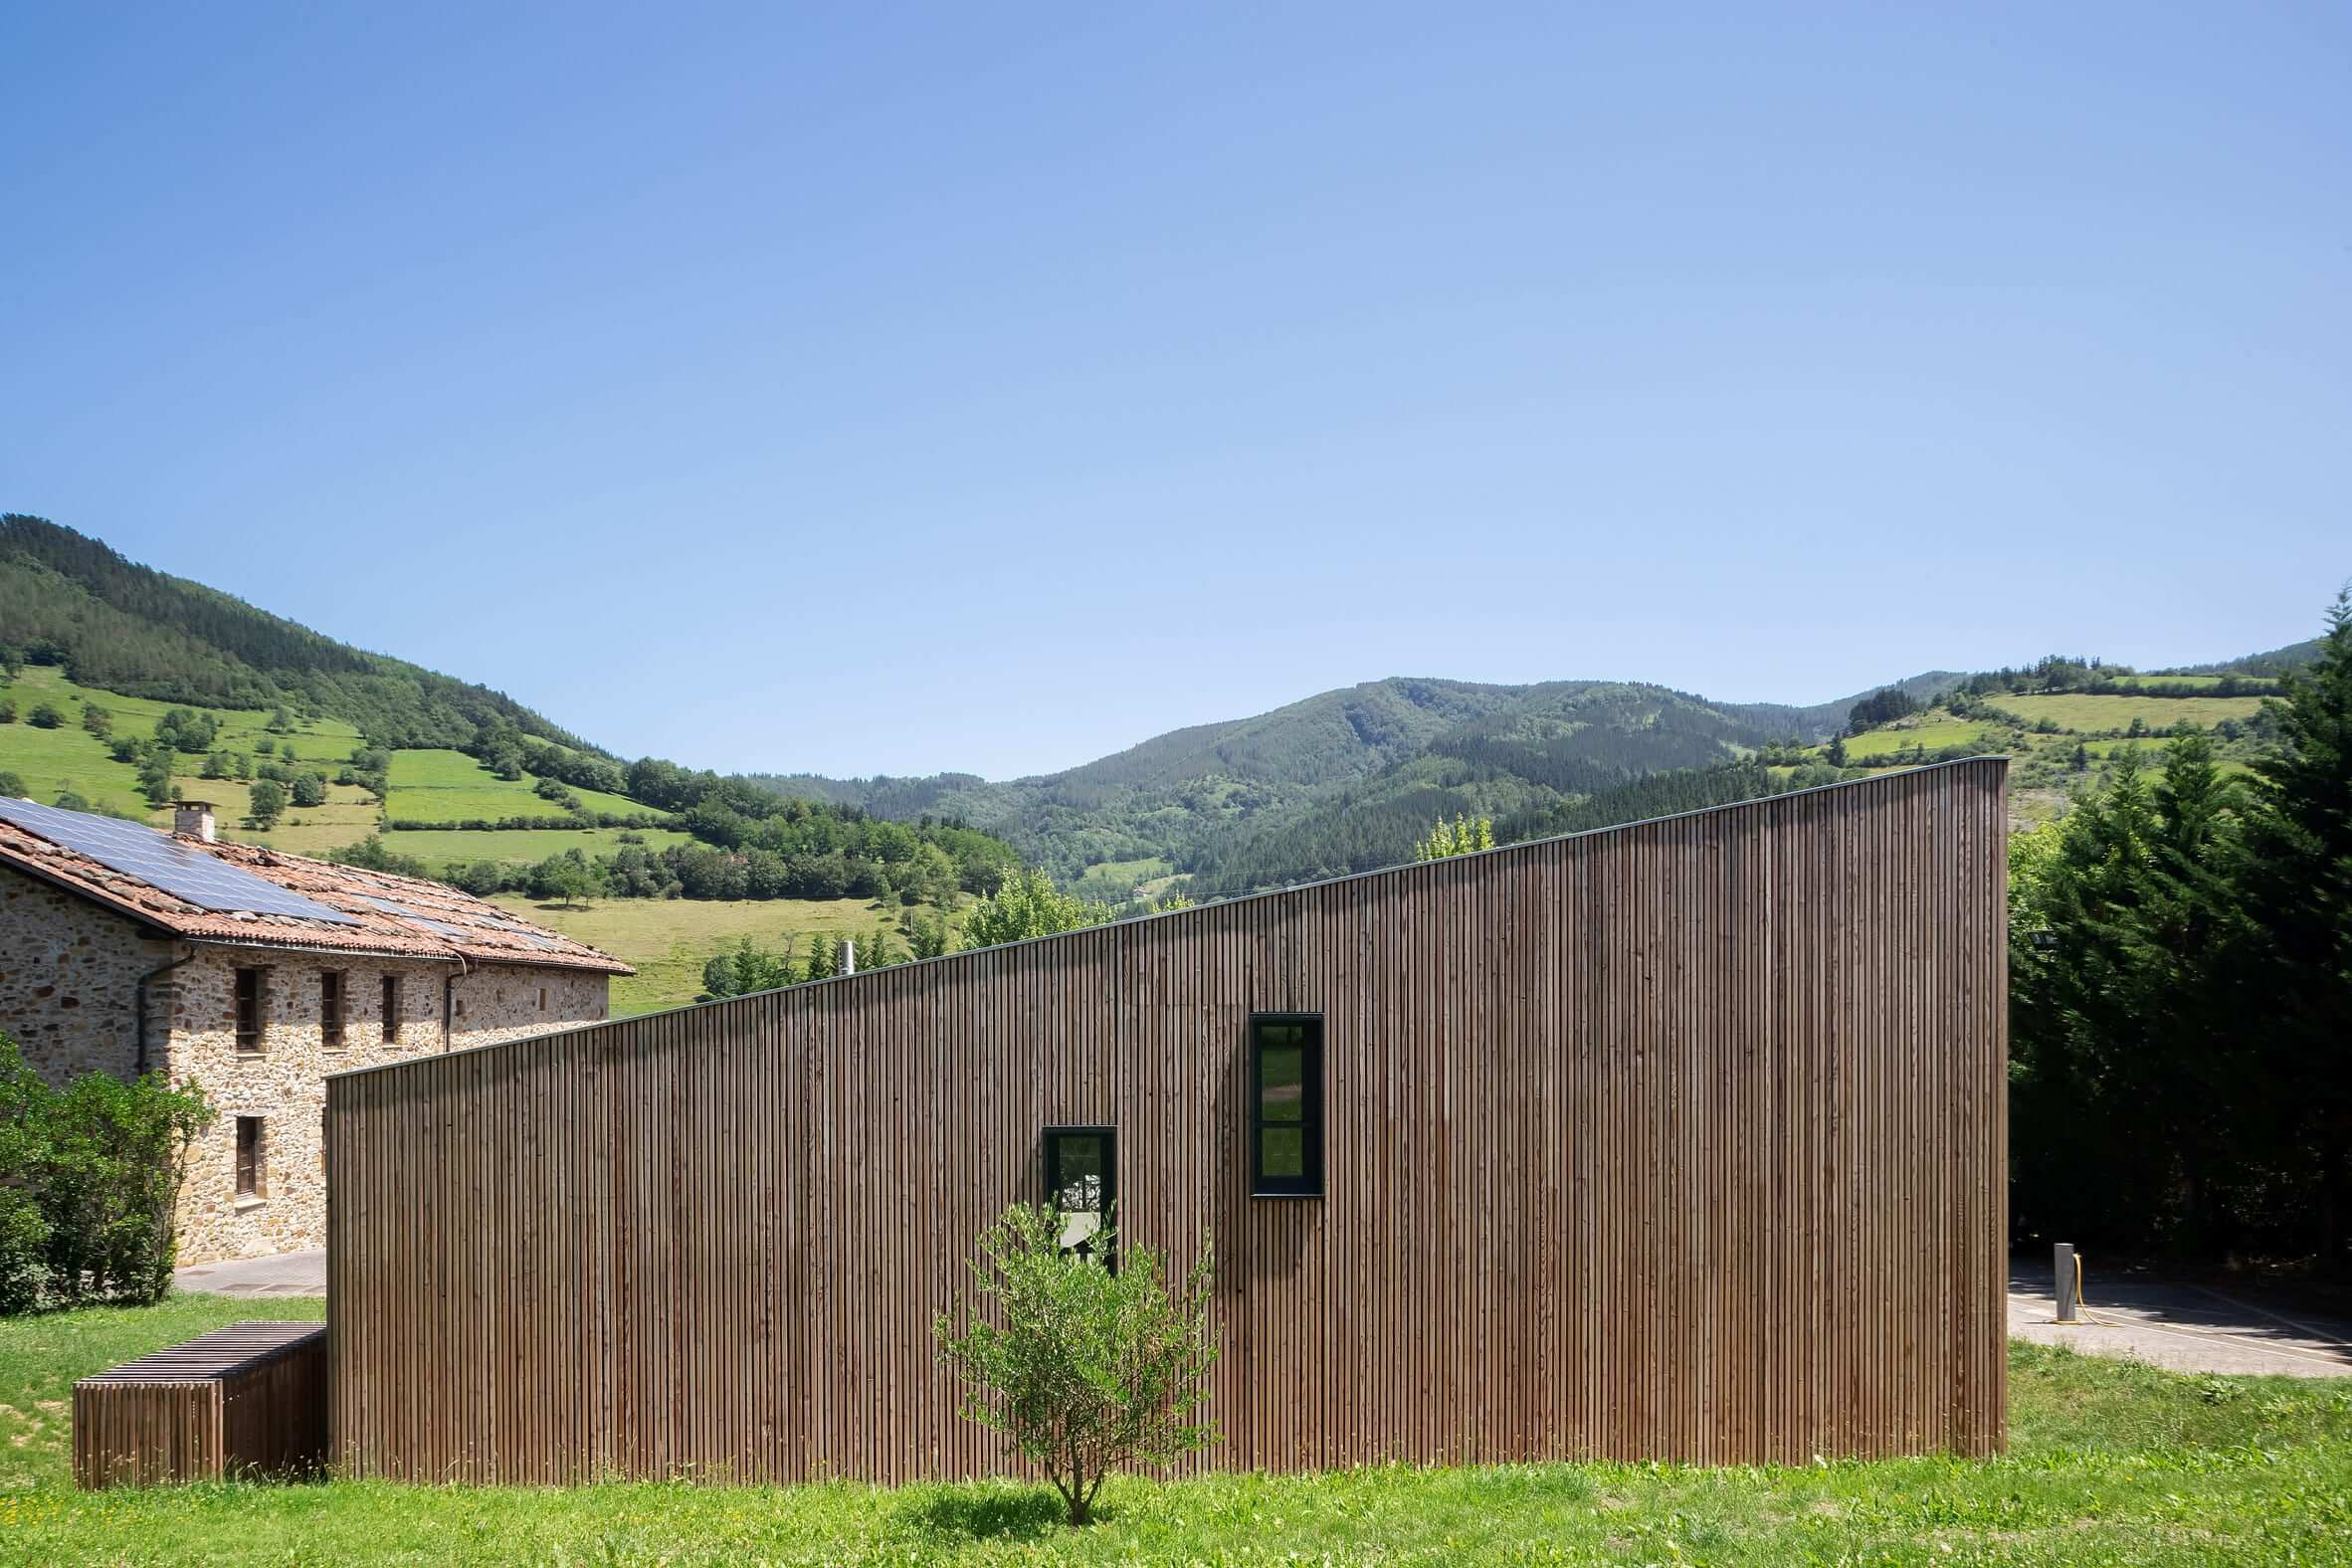 یک خوابگاه چوبی پوشیده در حومه باسک